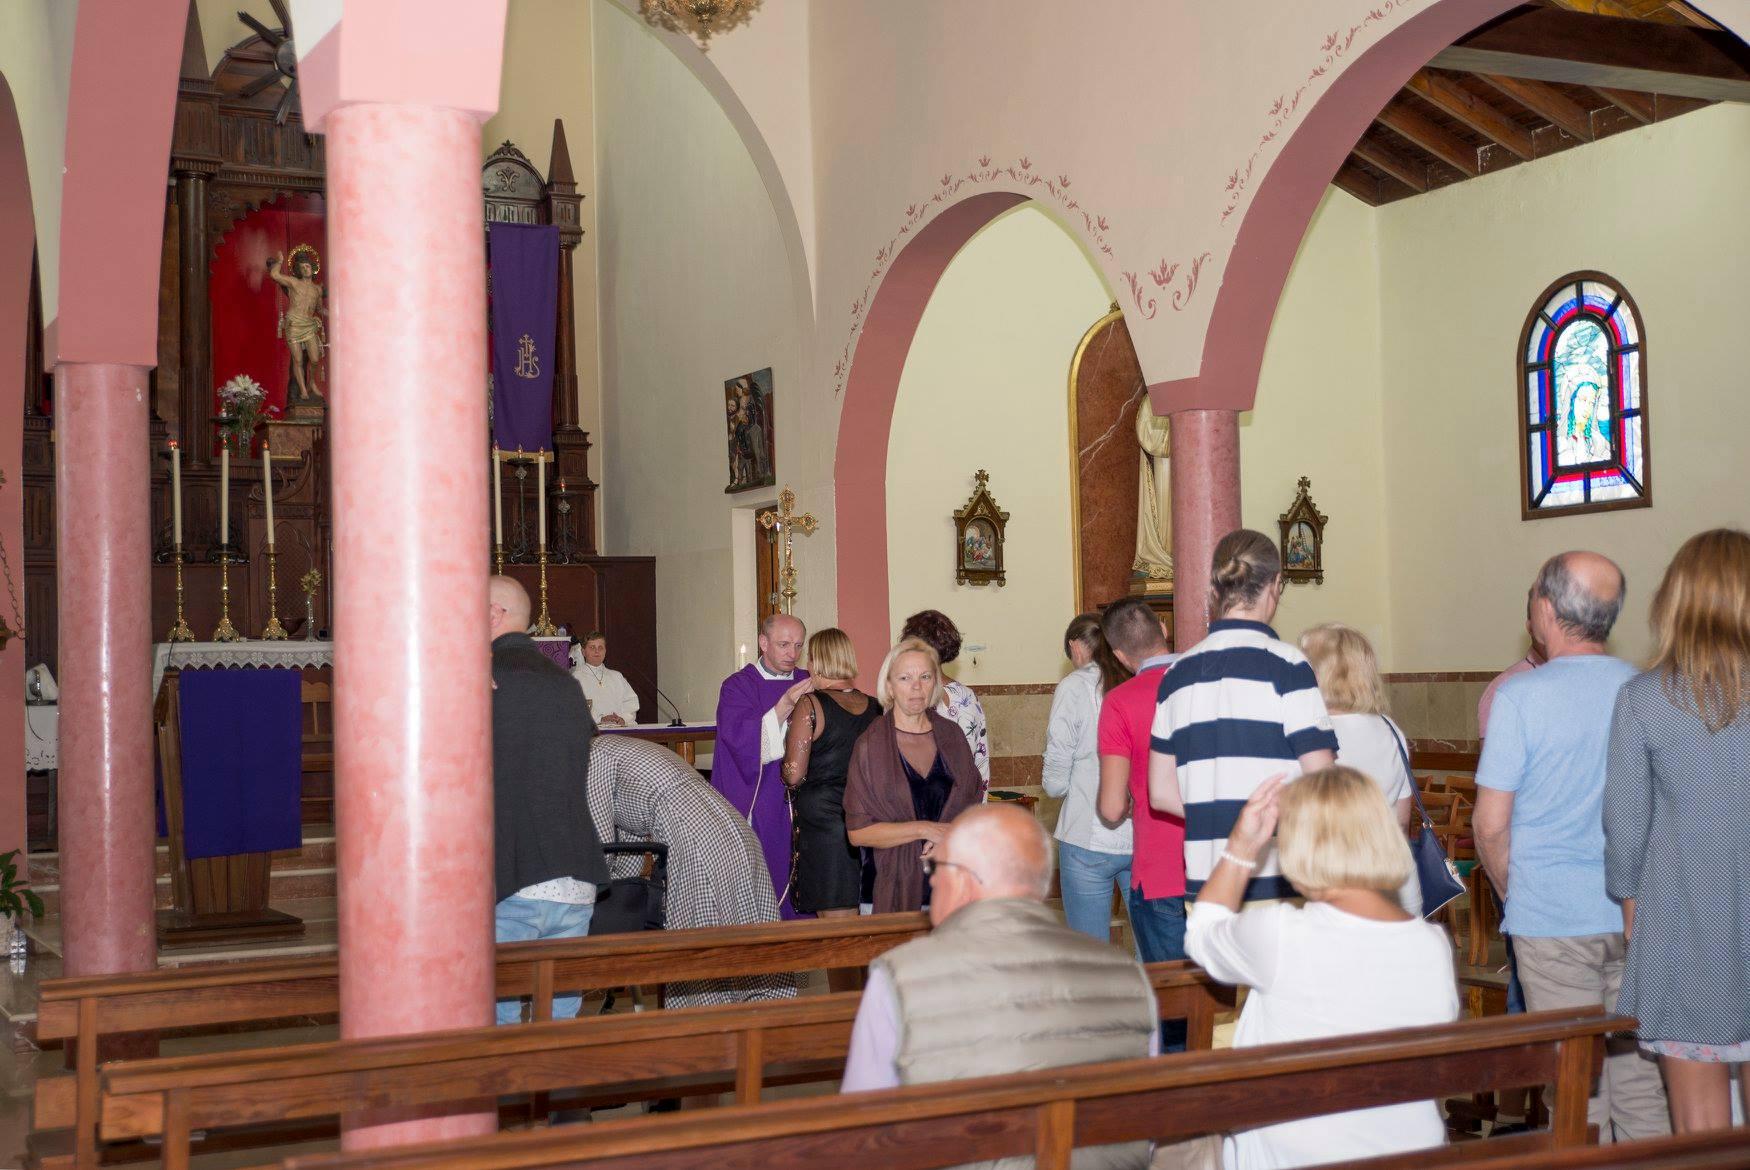 Susitikimas su kunigu, Renginiai Tenerifėje, lietuviu bendruomenė Tenerifėje, kunigas Algimantas Gudaitis